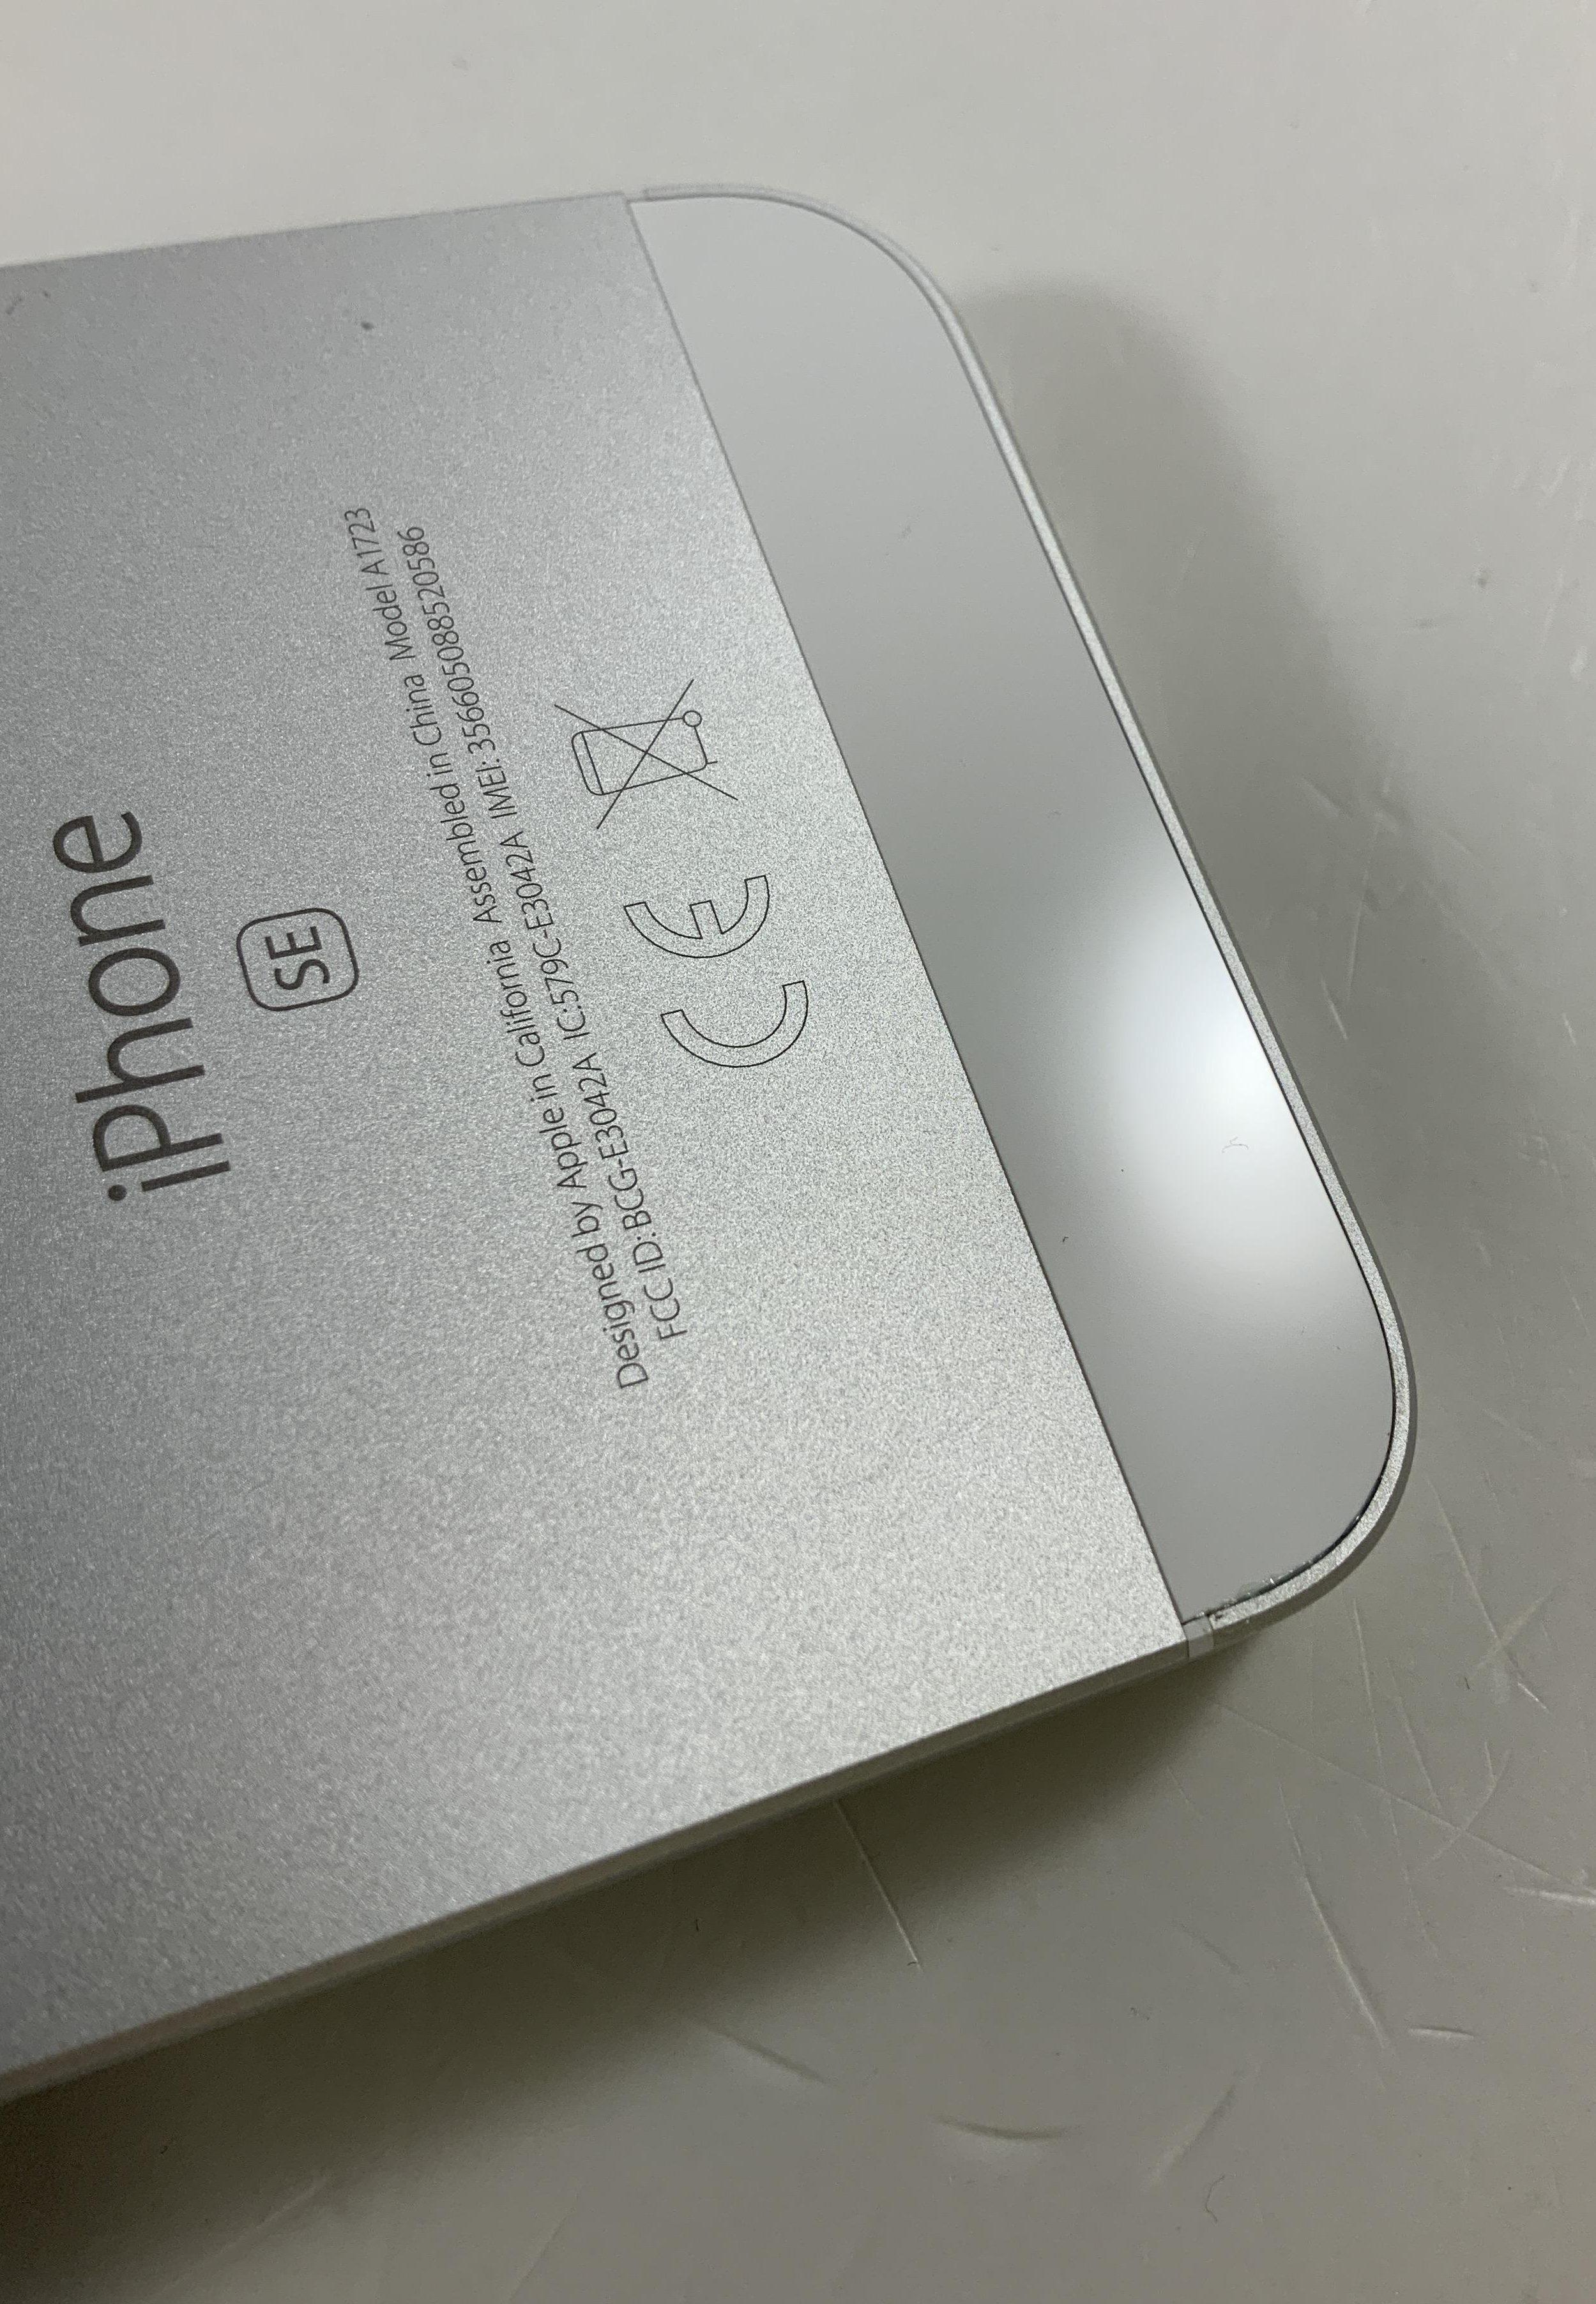 iPhone SE 32GB, 32GB, Bild 4